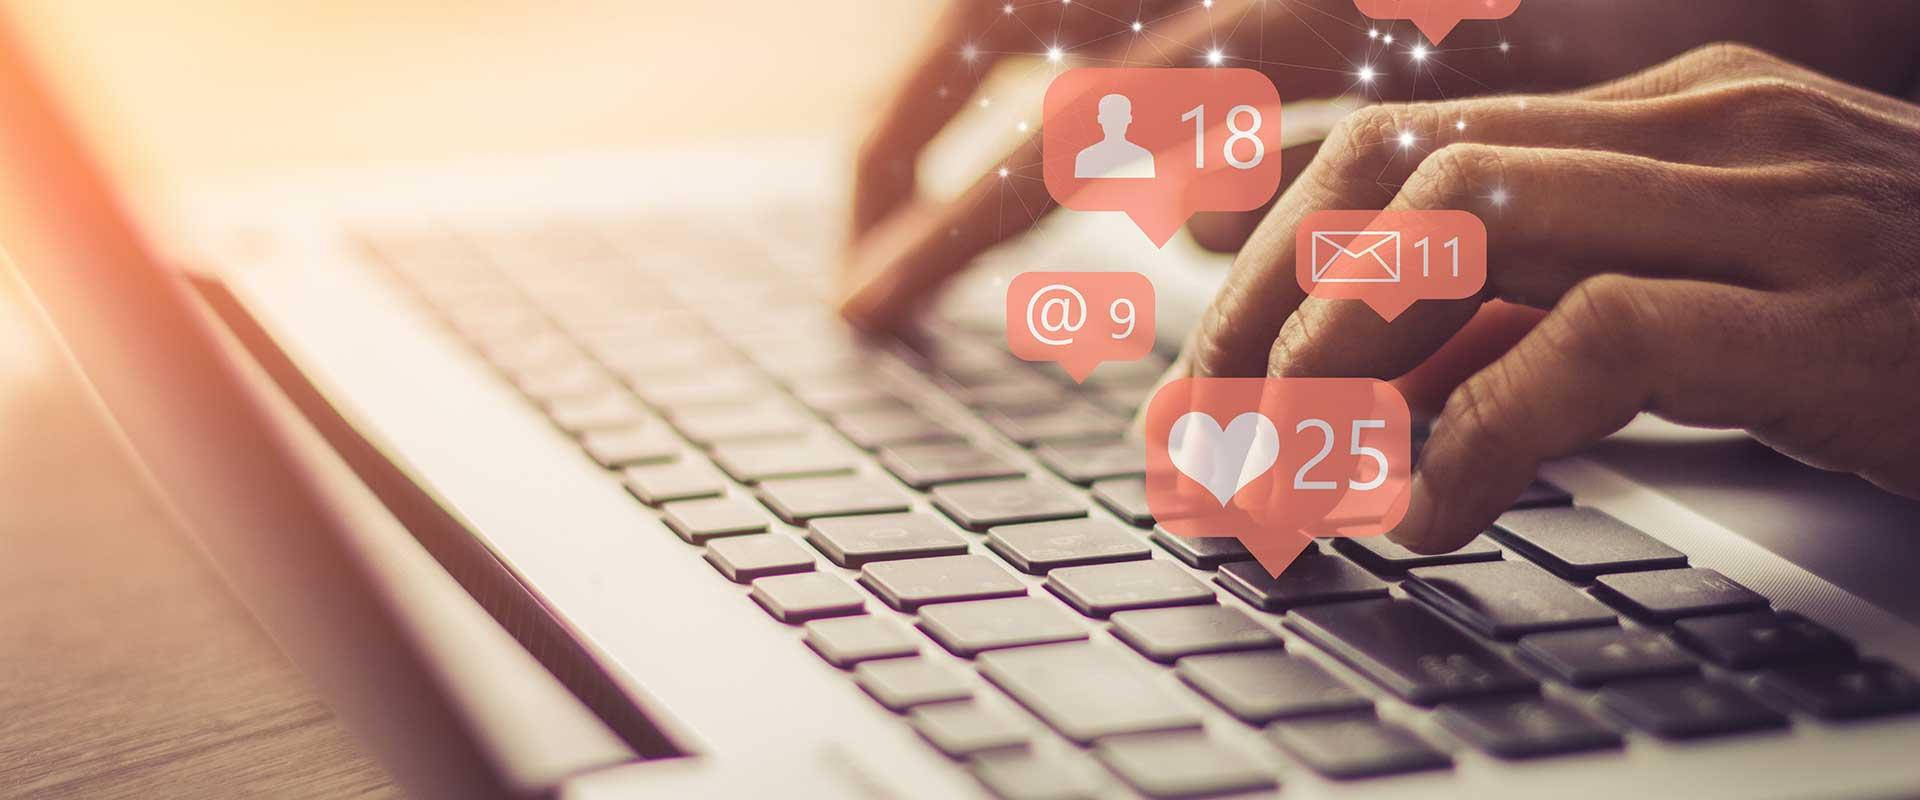 Réseaux sociaux - développer votre communication